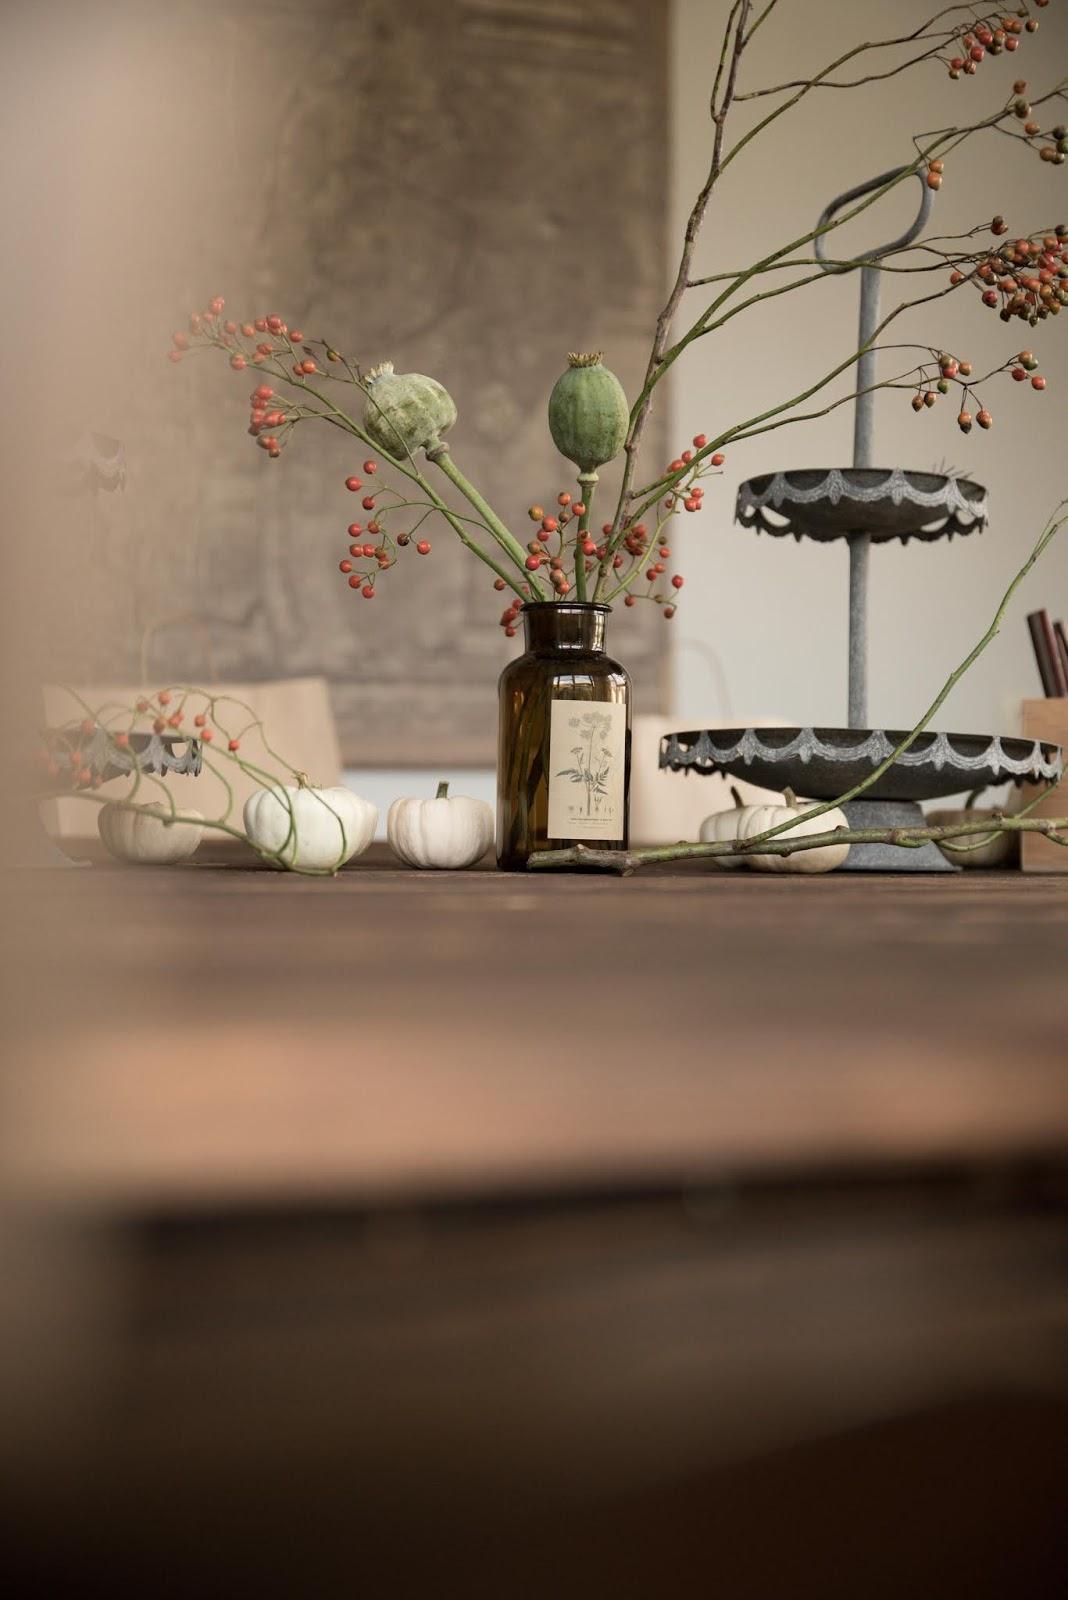 Tischdeko für den Herbst mit Mohnkapseln und Hagebutten. Dekoidee herbstlich dekorieren